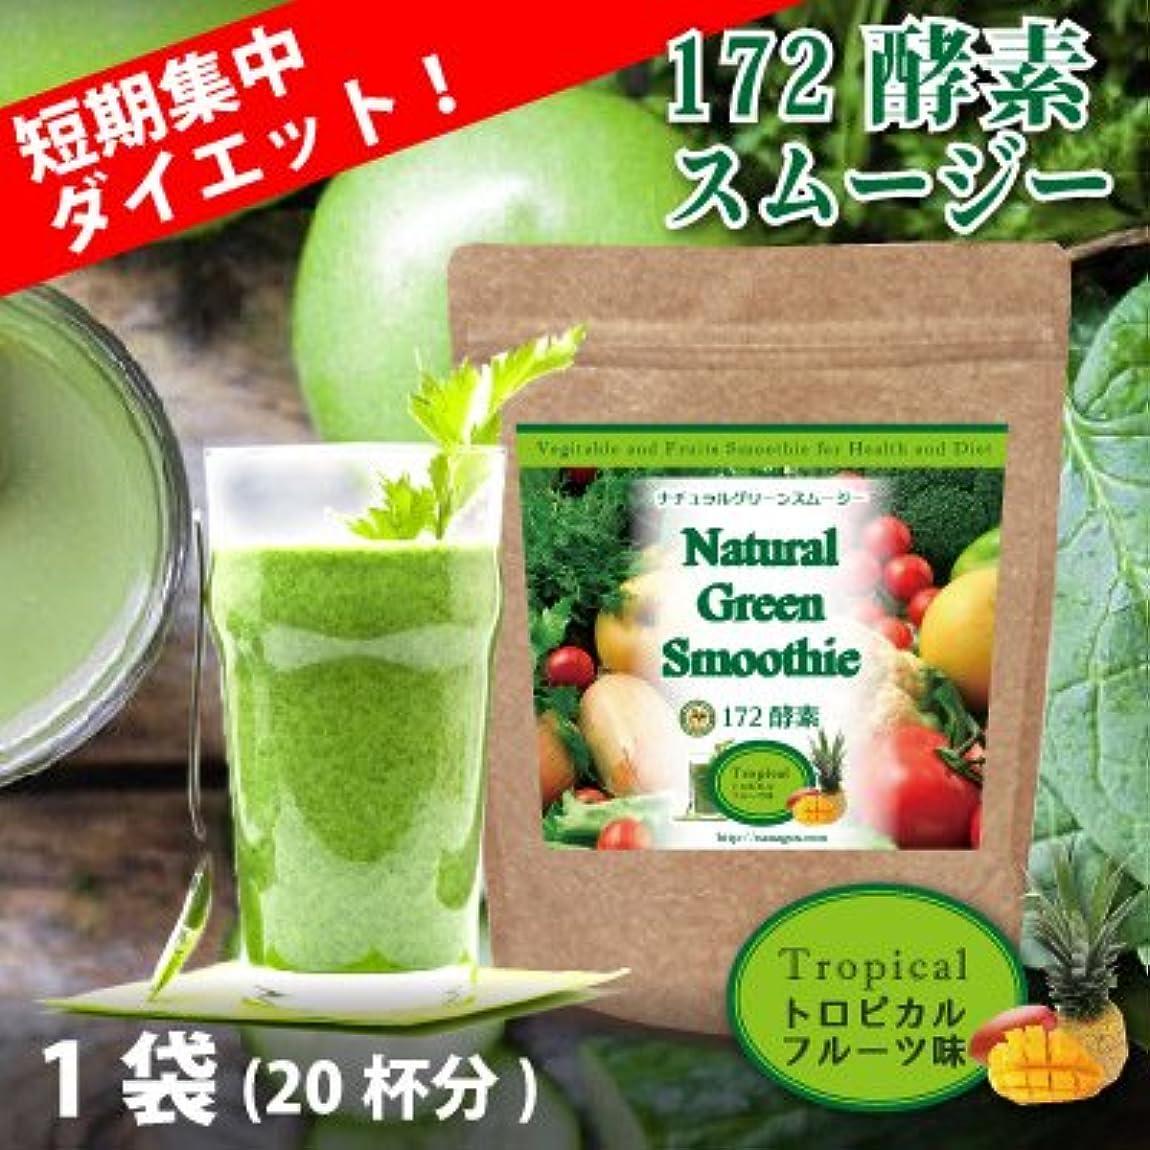 みすぼらしい誰の中で【ダイエット】越中ななごん堂のナチュラルグリーンスムージー 置換え 172酵素 200g